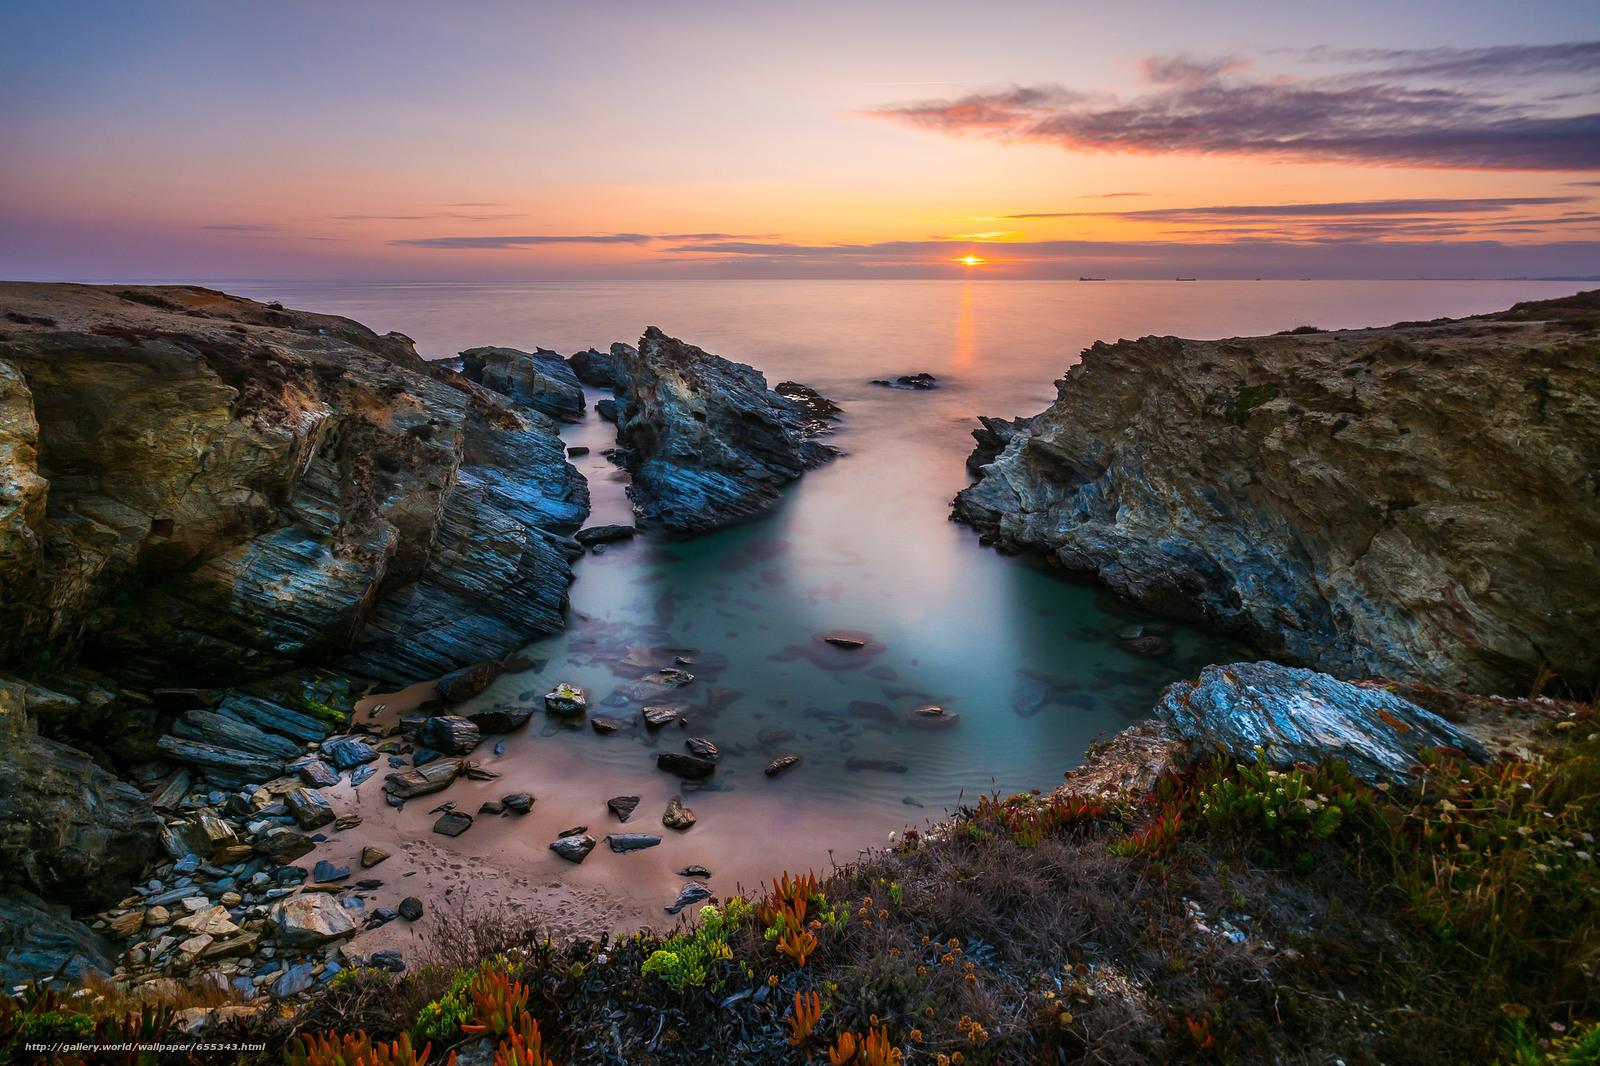 Скачать обои Португалия,  Западное побережье,  море,  скалы бесплатно для рабочего стола в разрешении 2048x1365 — картинка №655343